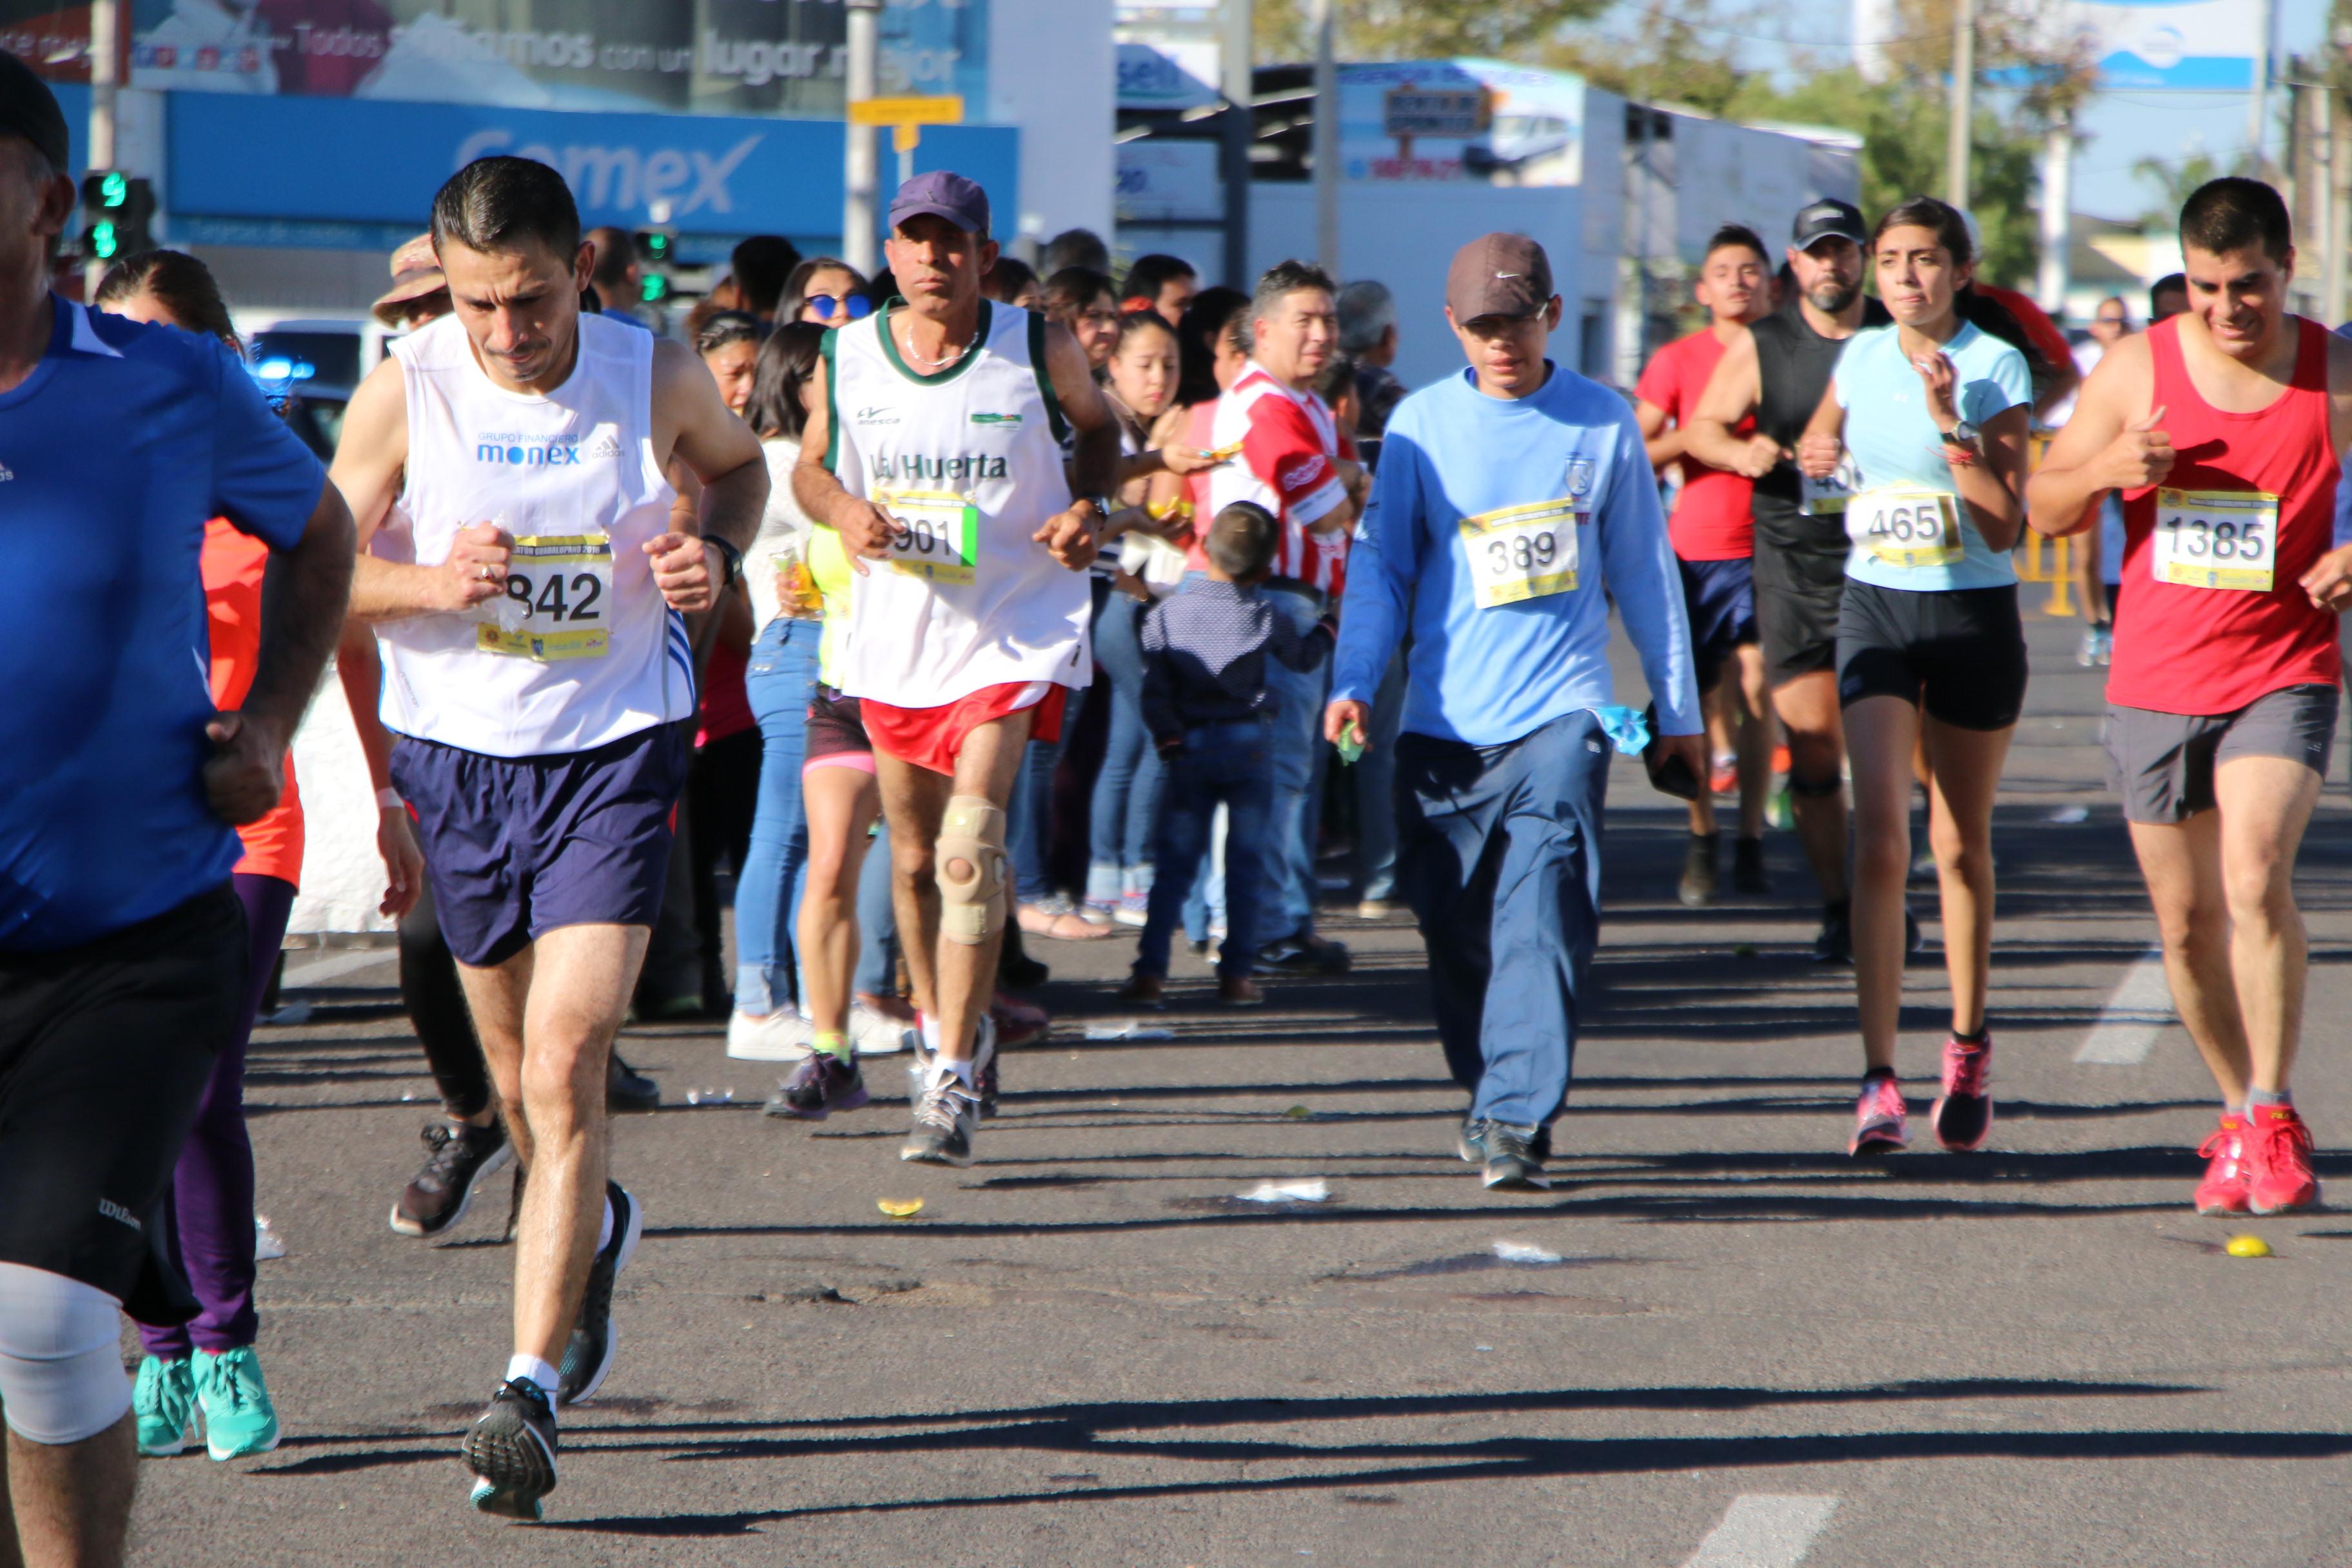 SE APROXIMAN varias carreras atléticas, entre ellas la de Real del Sol el día 27 de agosto.